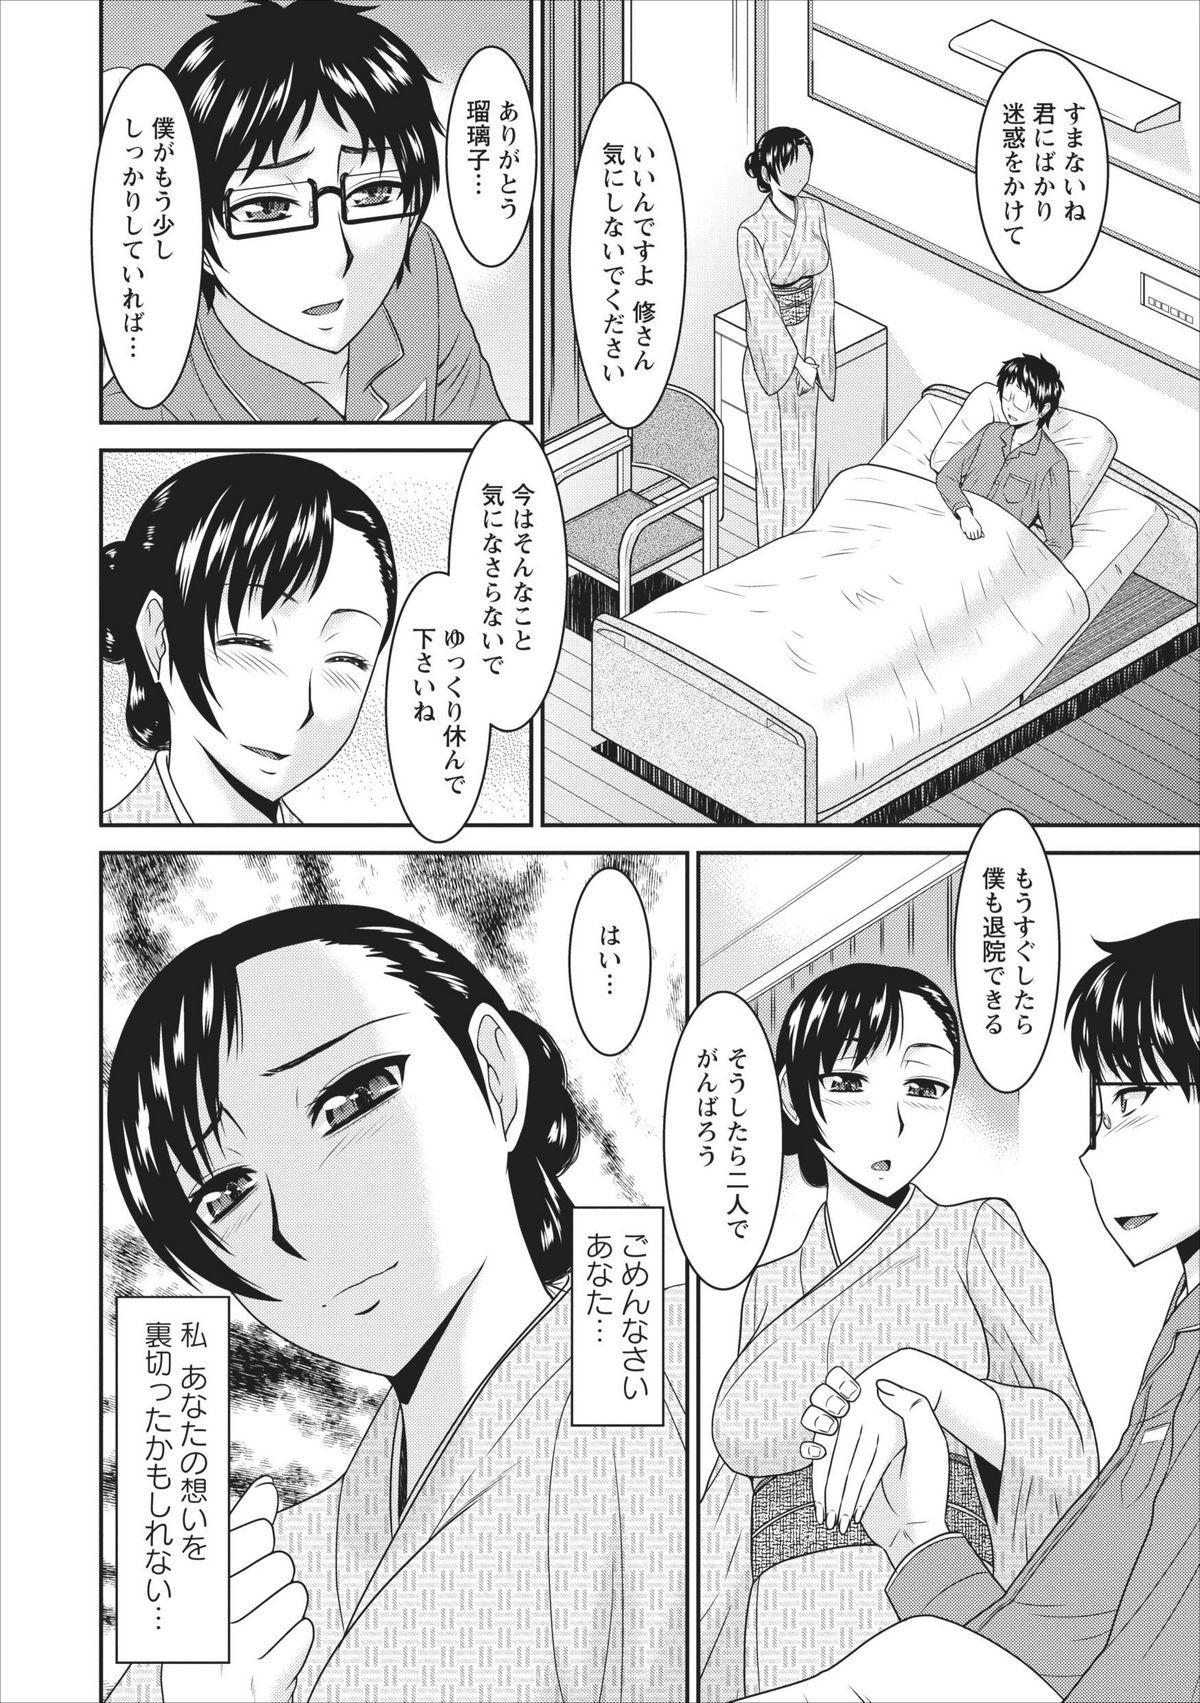 Inbi na Yukemuri - Awa no Kuni Ryokan ch.1 7